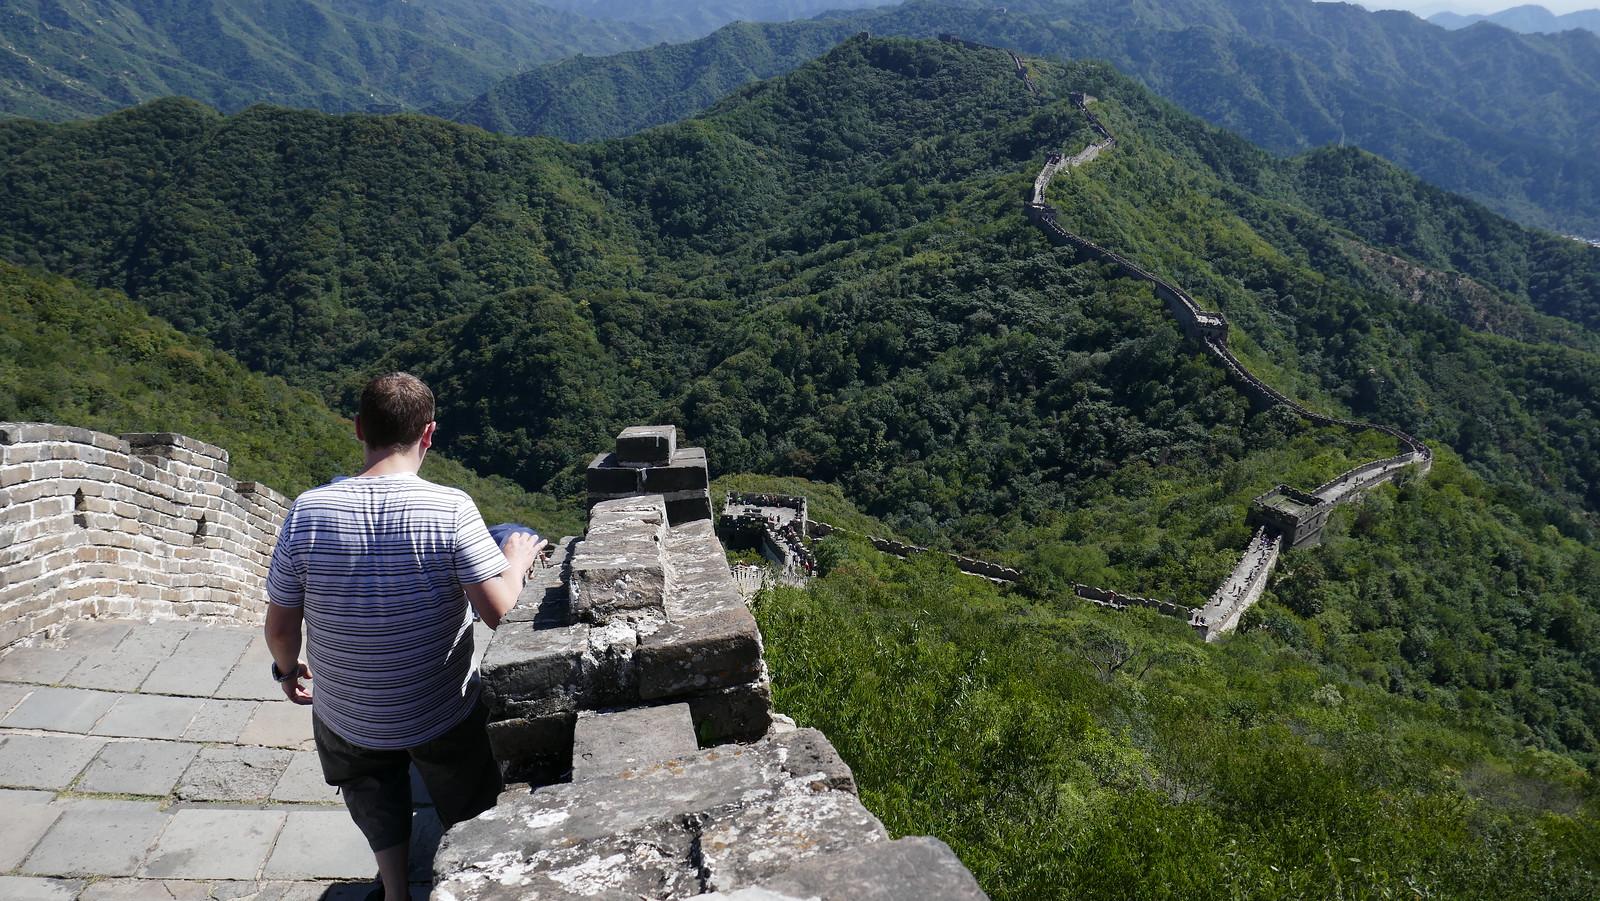 En esta foto se aprecia bastante bien alguna de las increíbles pendientes que tiene la Gran Muralla